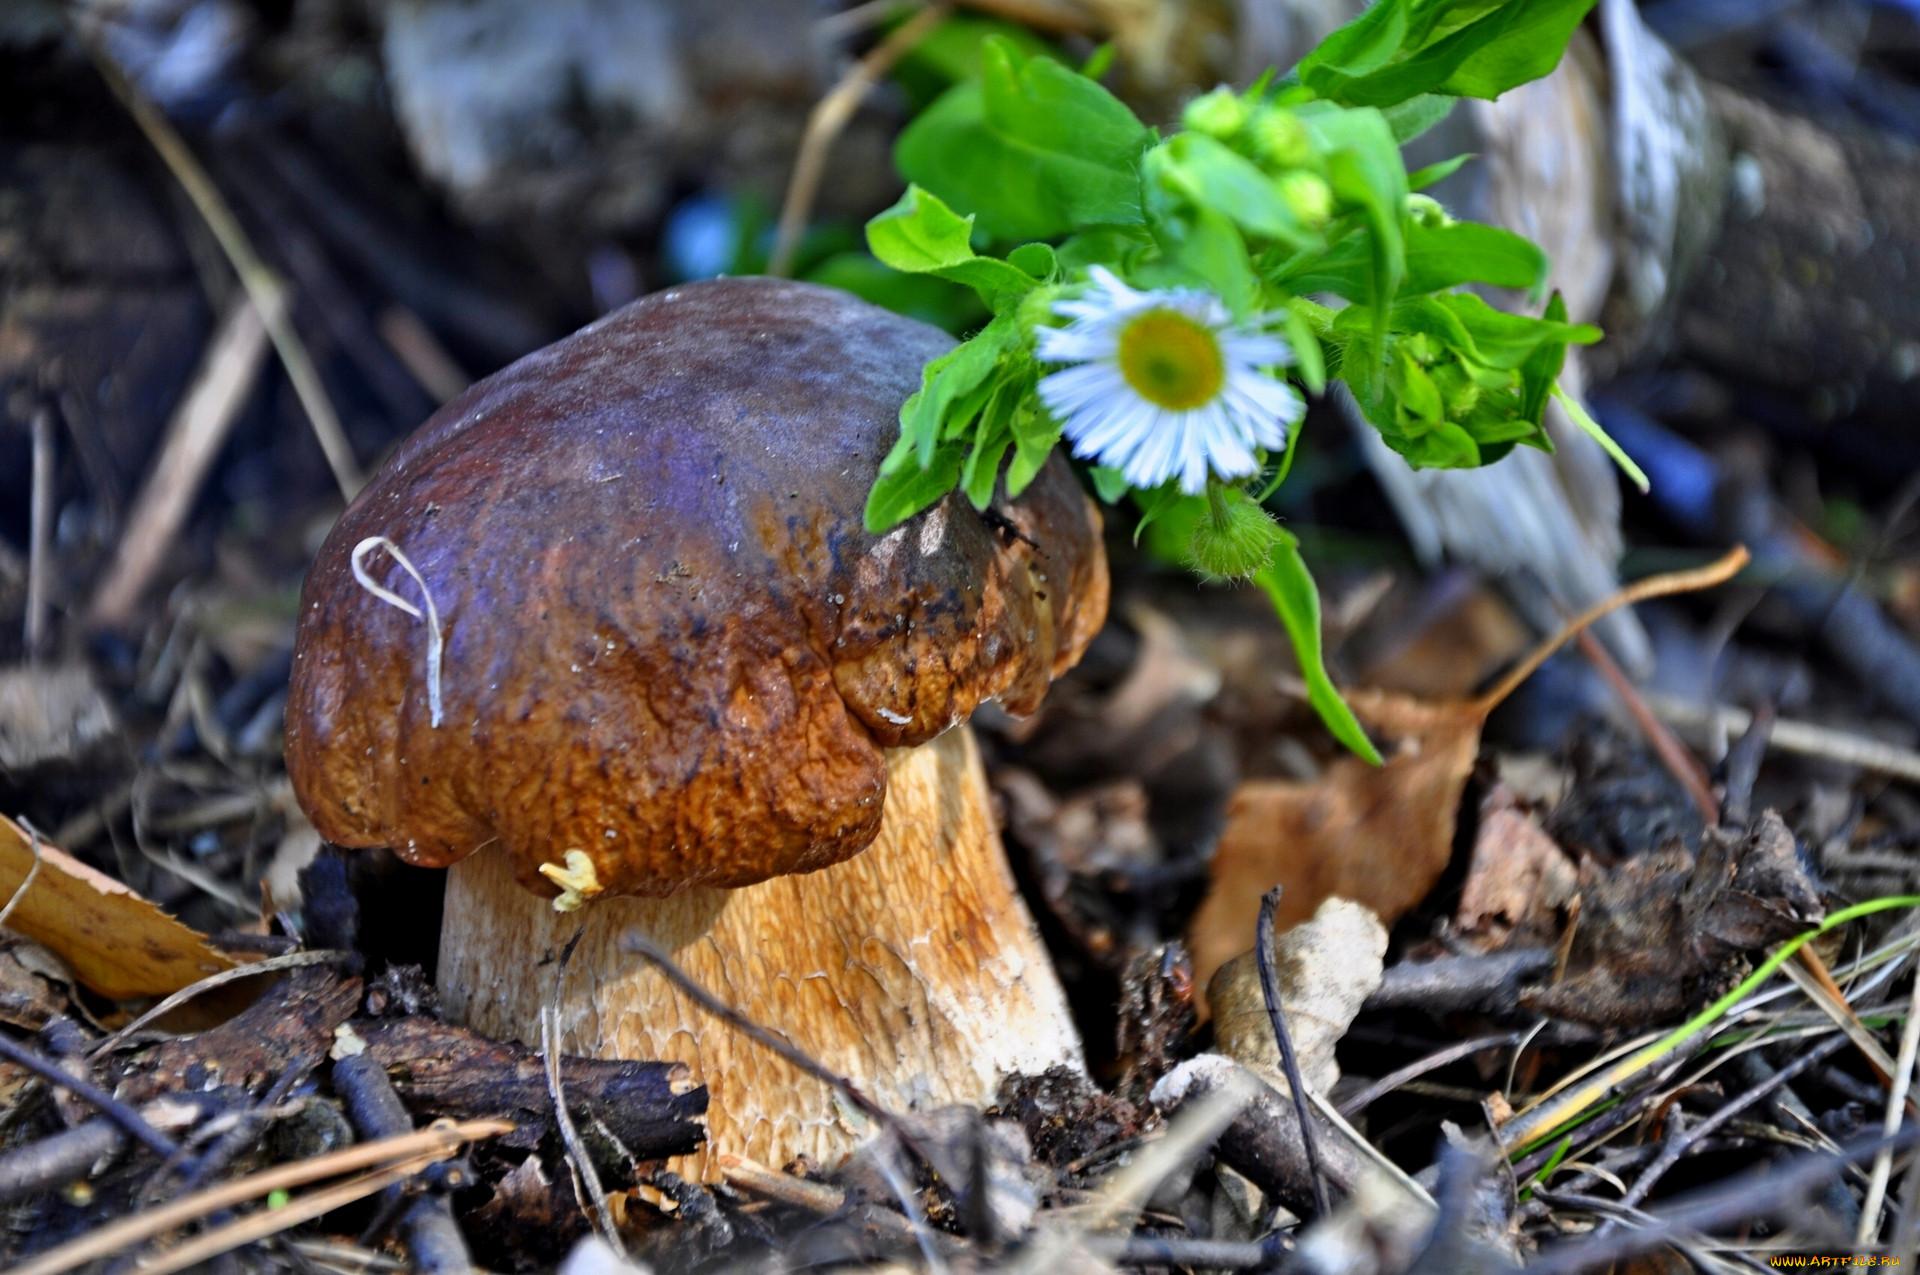 картинки о природе растениях и грибах подобных